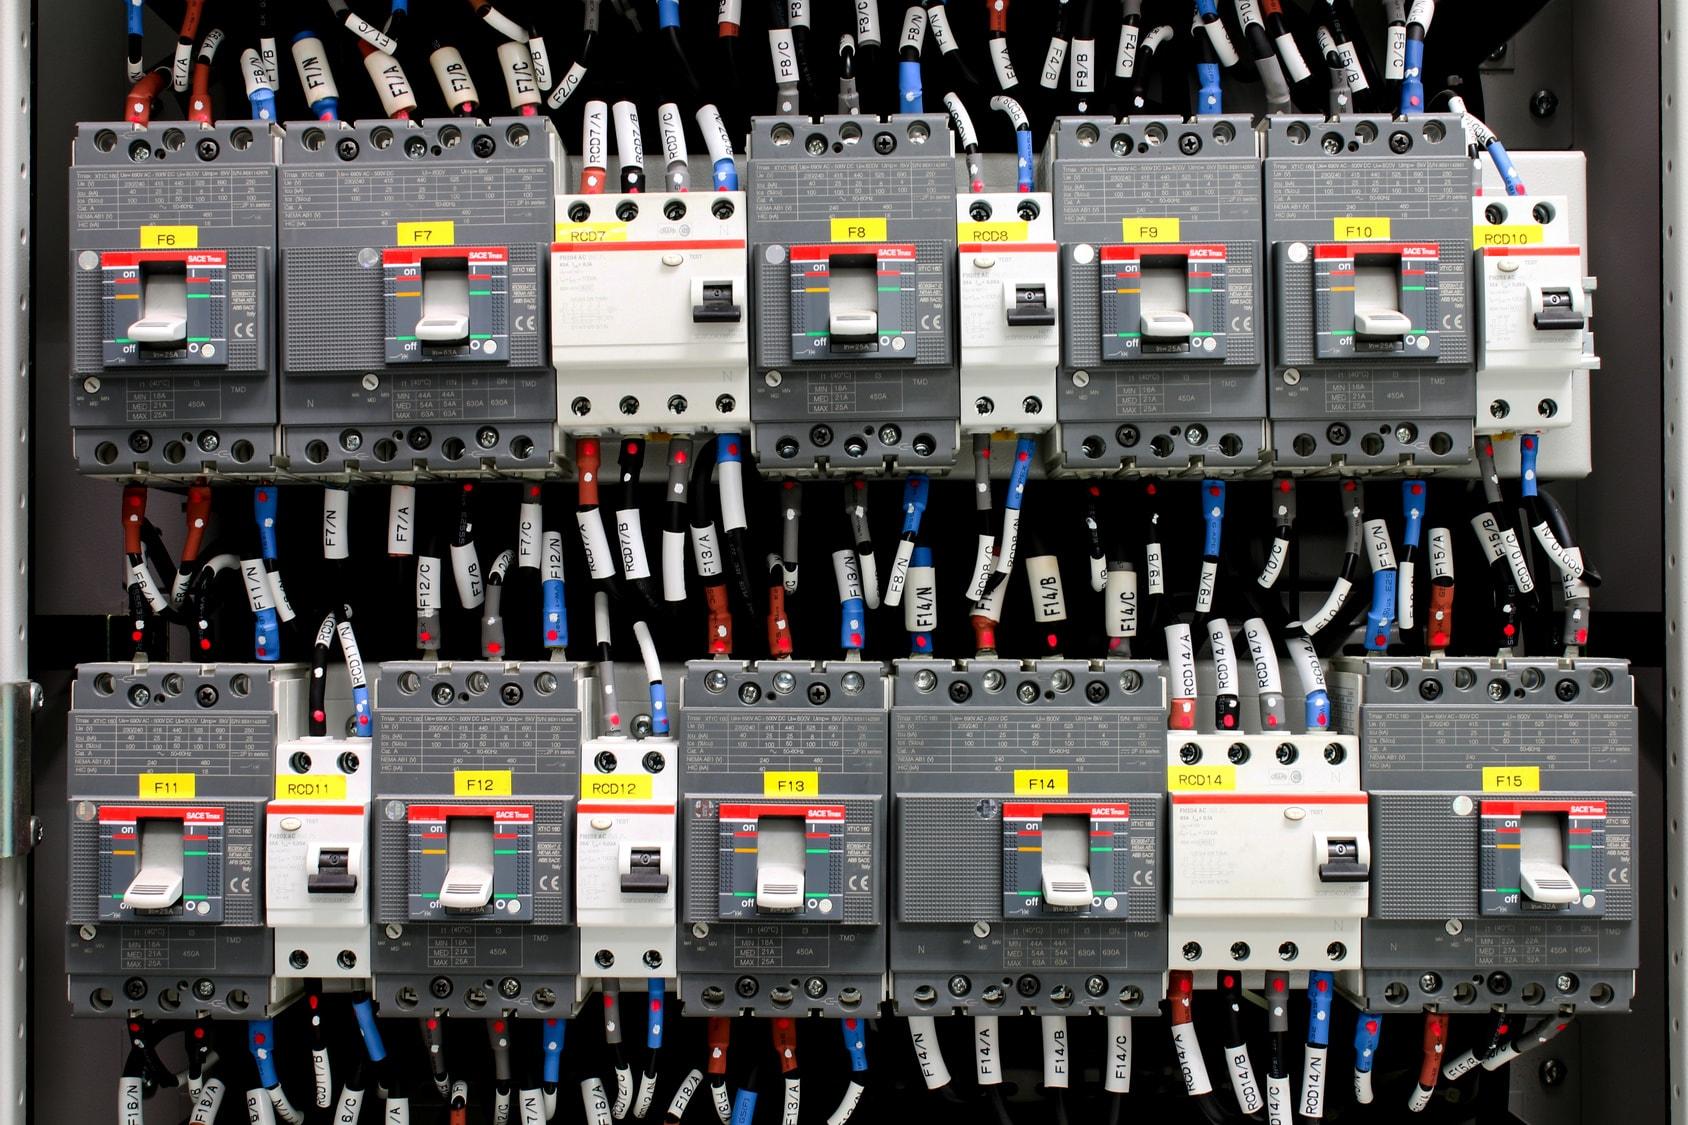 Jak wdrożyć lub usprawnić działanie automatyki przemysłowej?